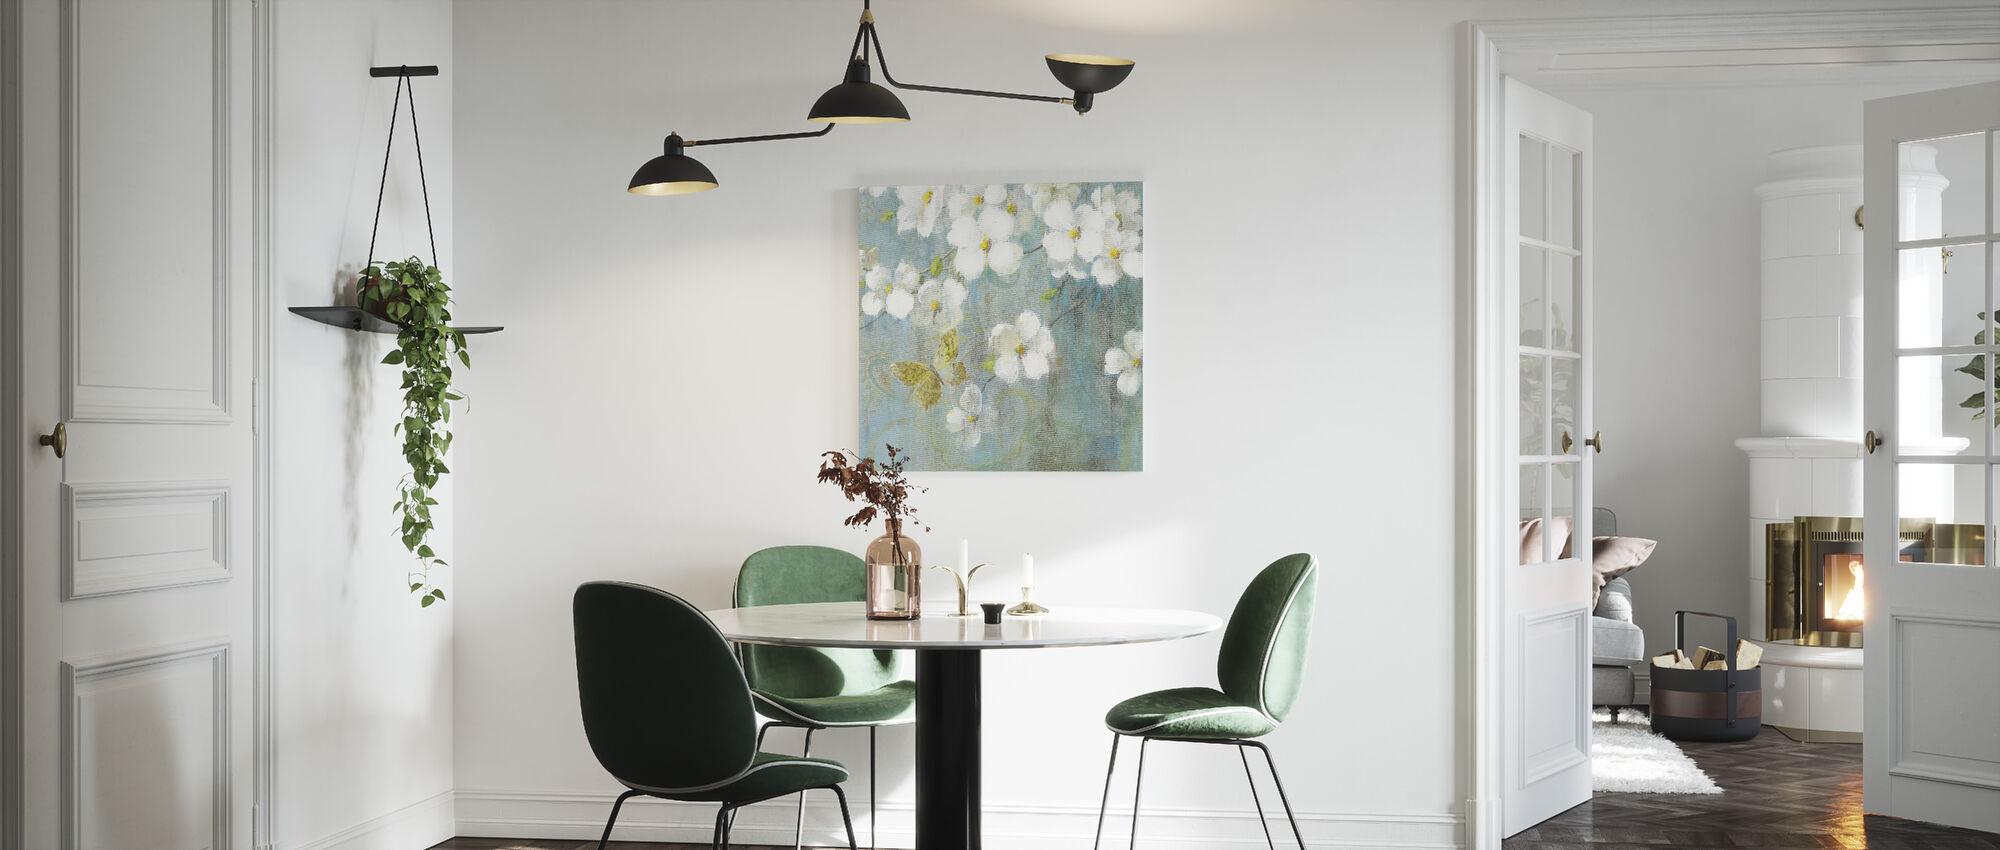 Våren dröm 2 - Canvastavla - Kök